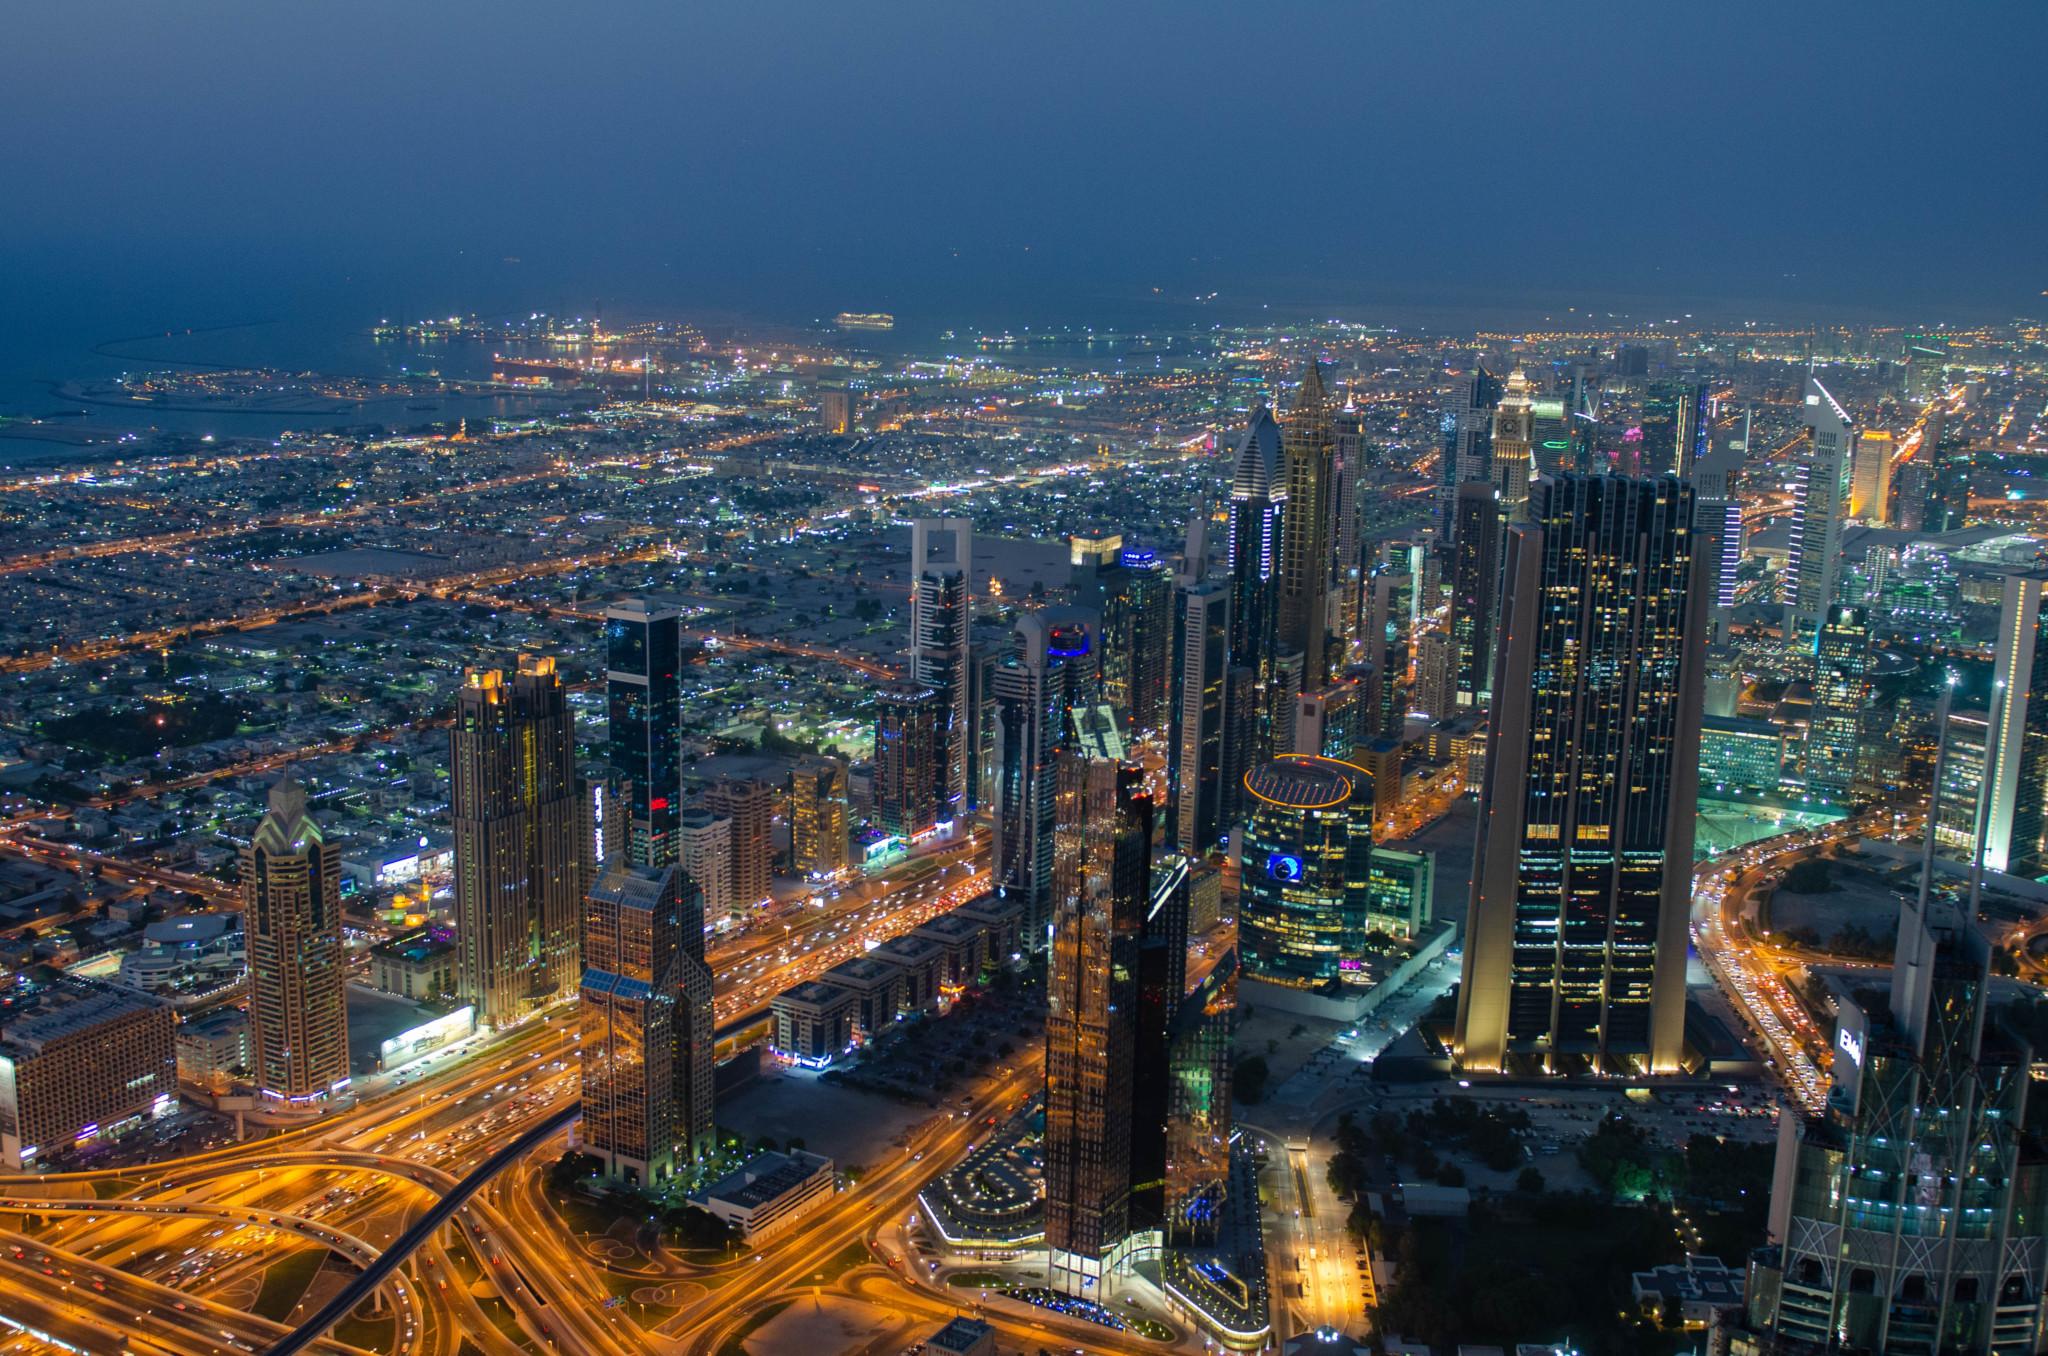 Ausblick von der Burj Khalifa Aussichtsplattform auf die Sheikh Zayed Road